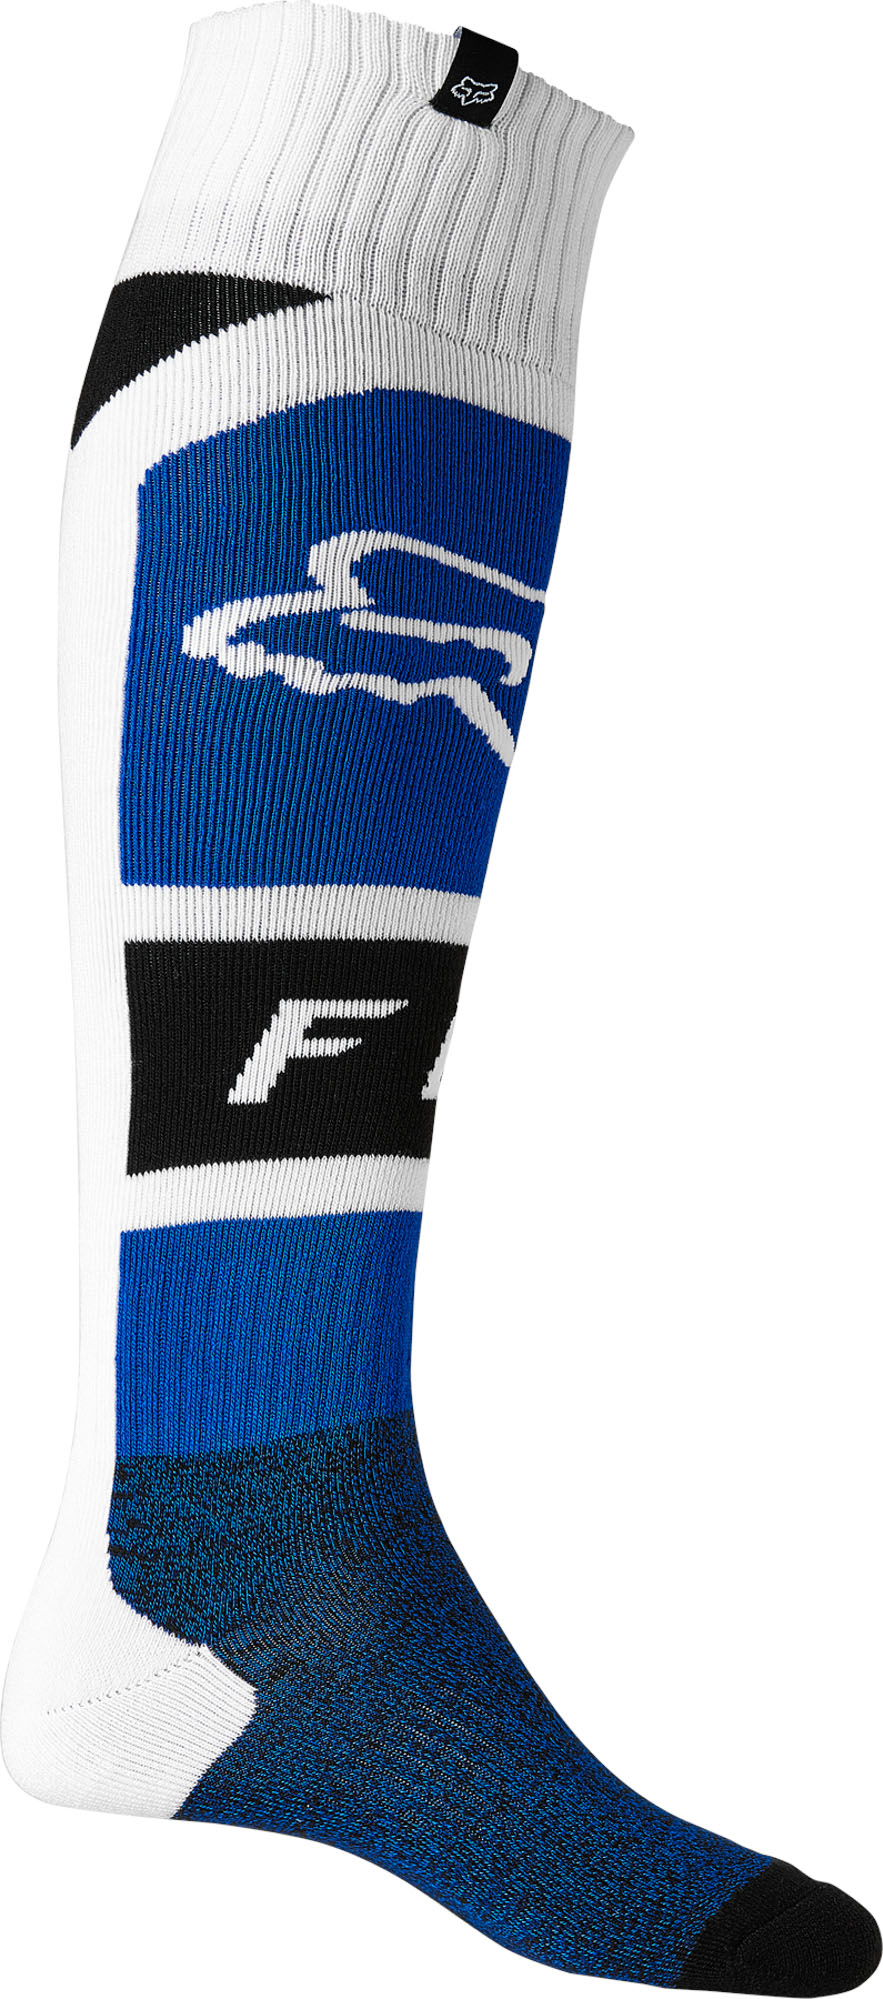 FOX Lux Fri Thin Sock - Blue MX22